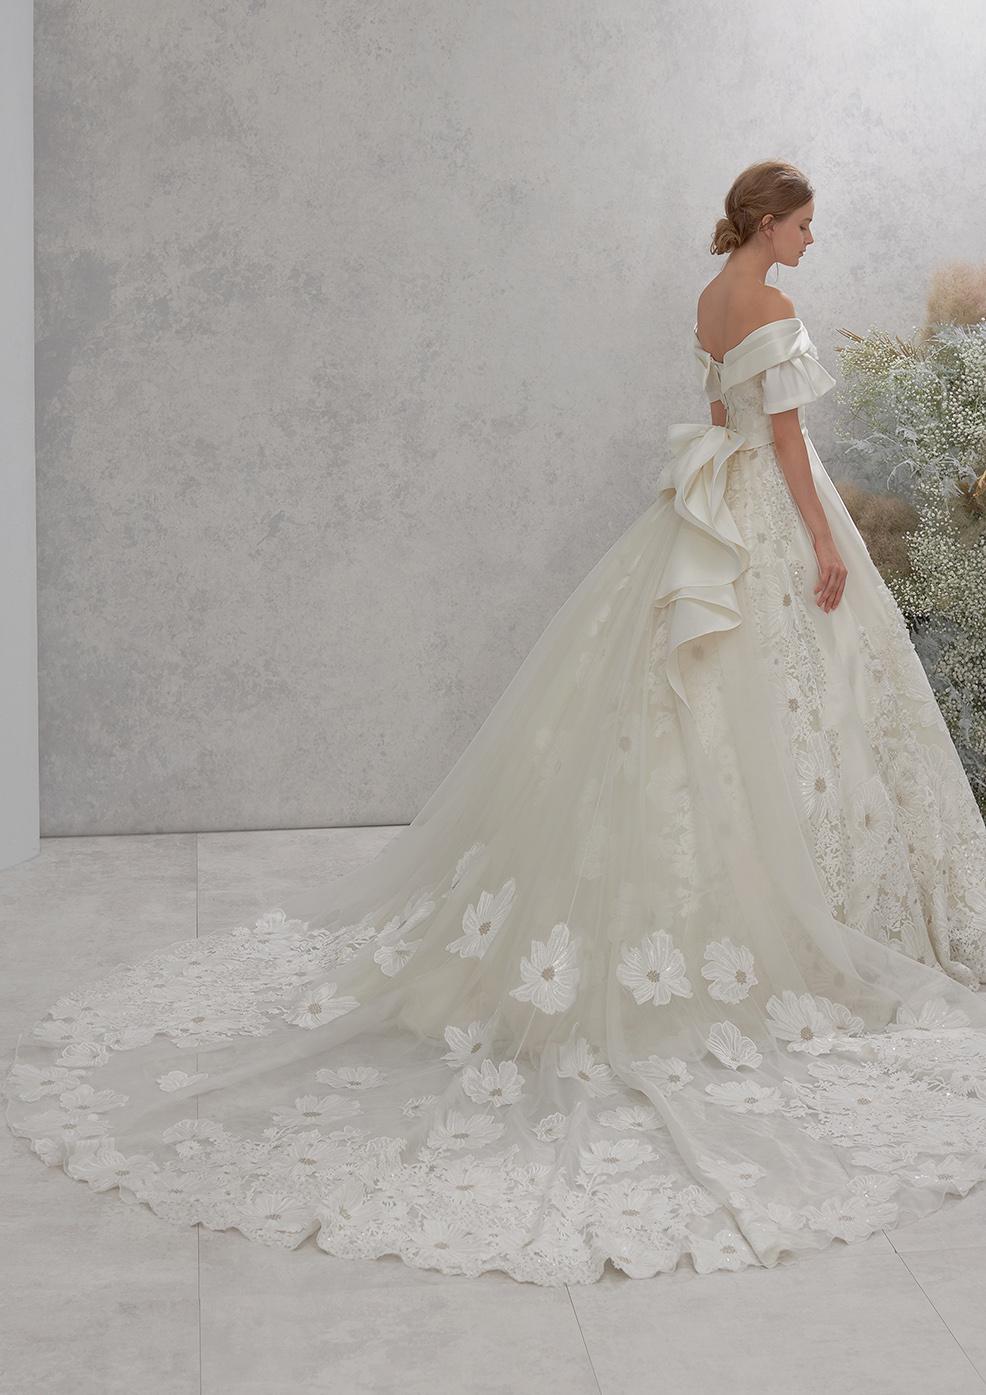 ロングトレーンが人気のウェディングドレス